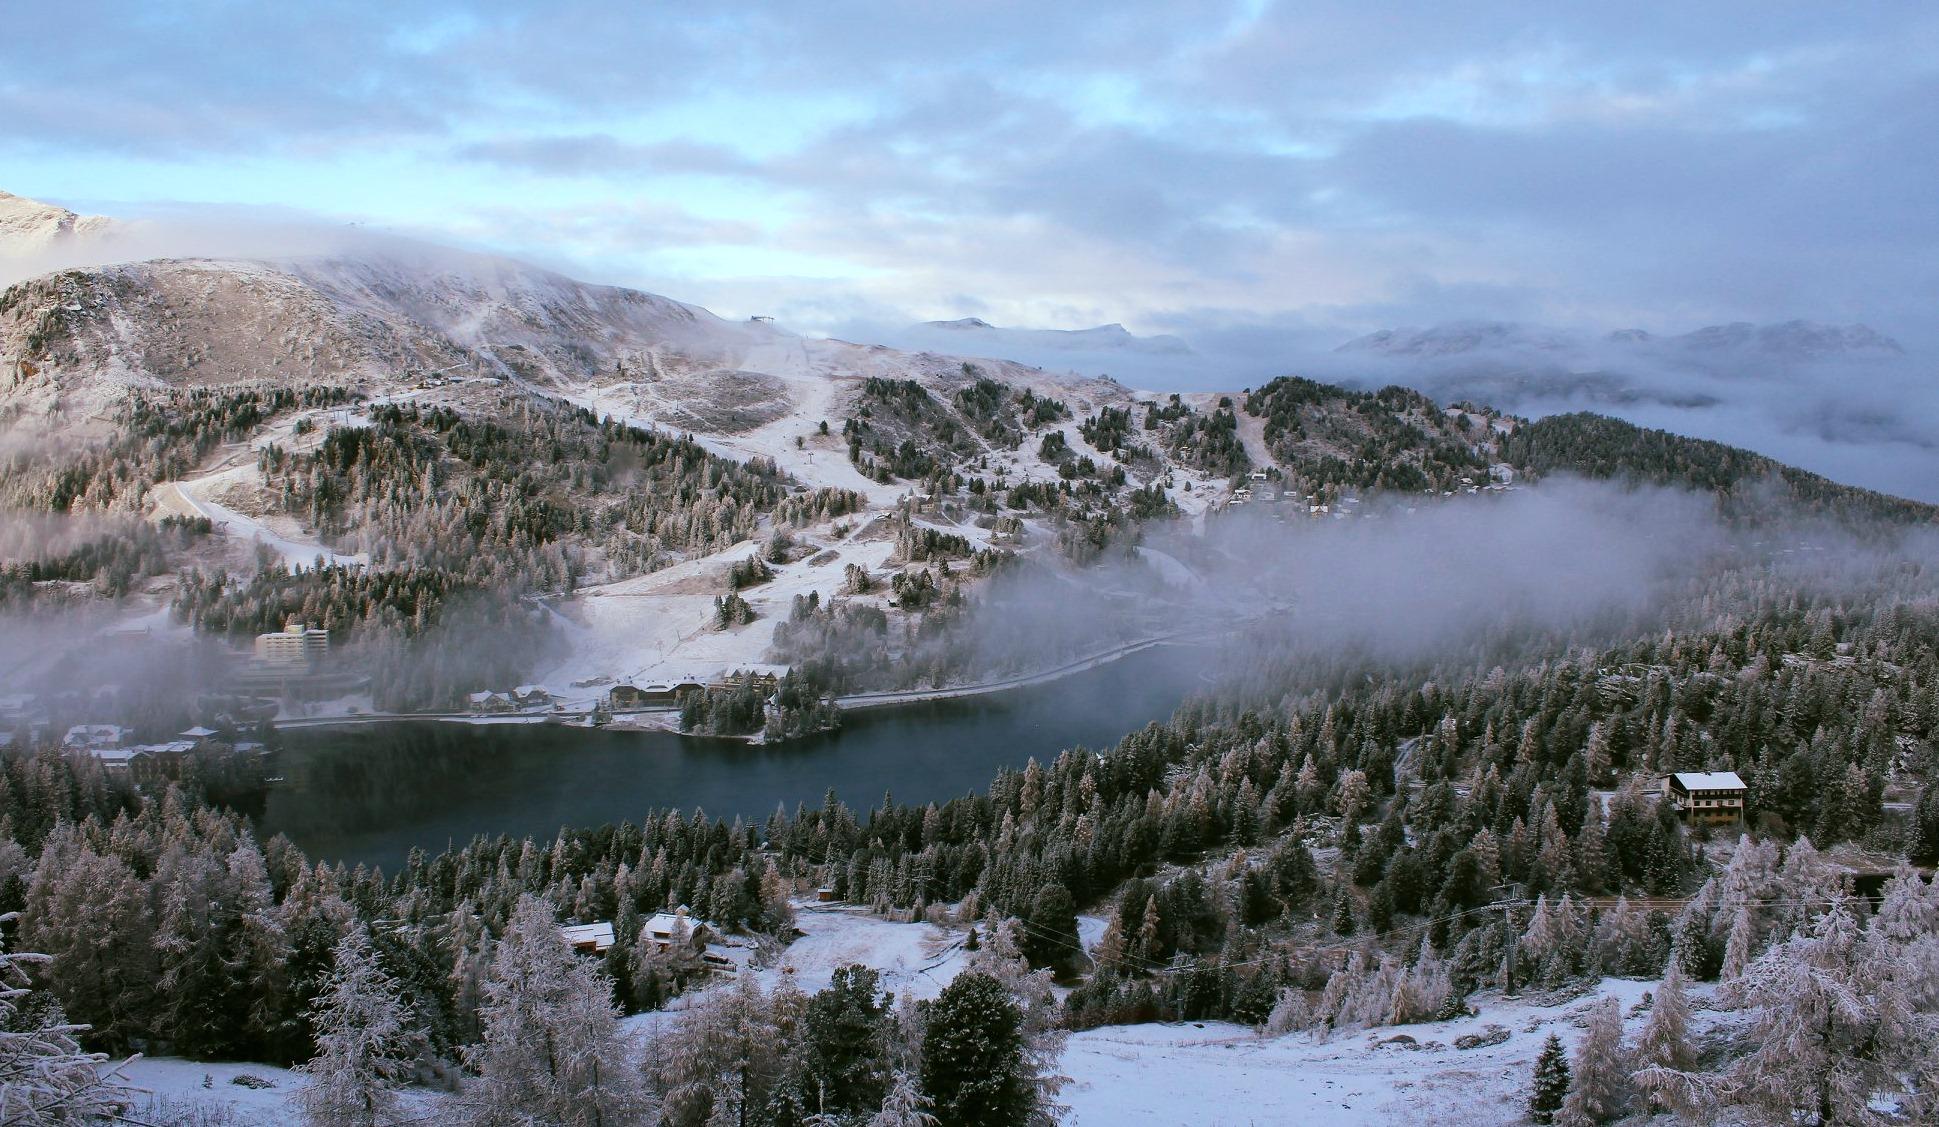 A Turrachi-tó a pályákról nézve. Novemberi fotó, december végére már jégtakaró fedte a tavat. / Fotó: Turracher Höhe Facebook